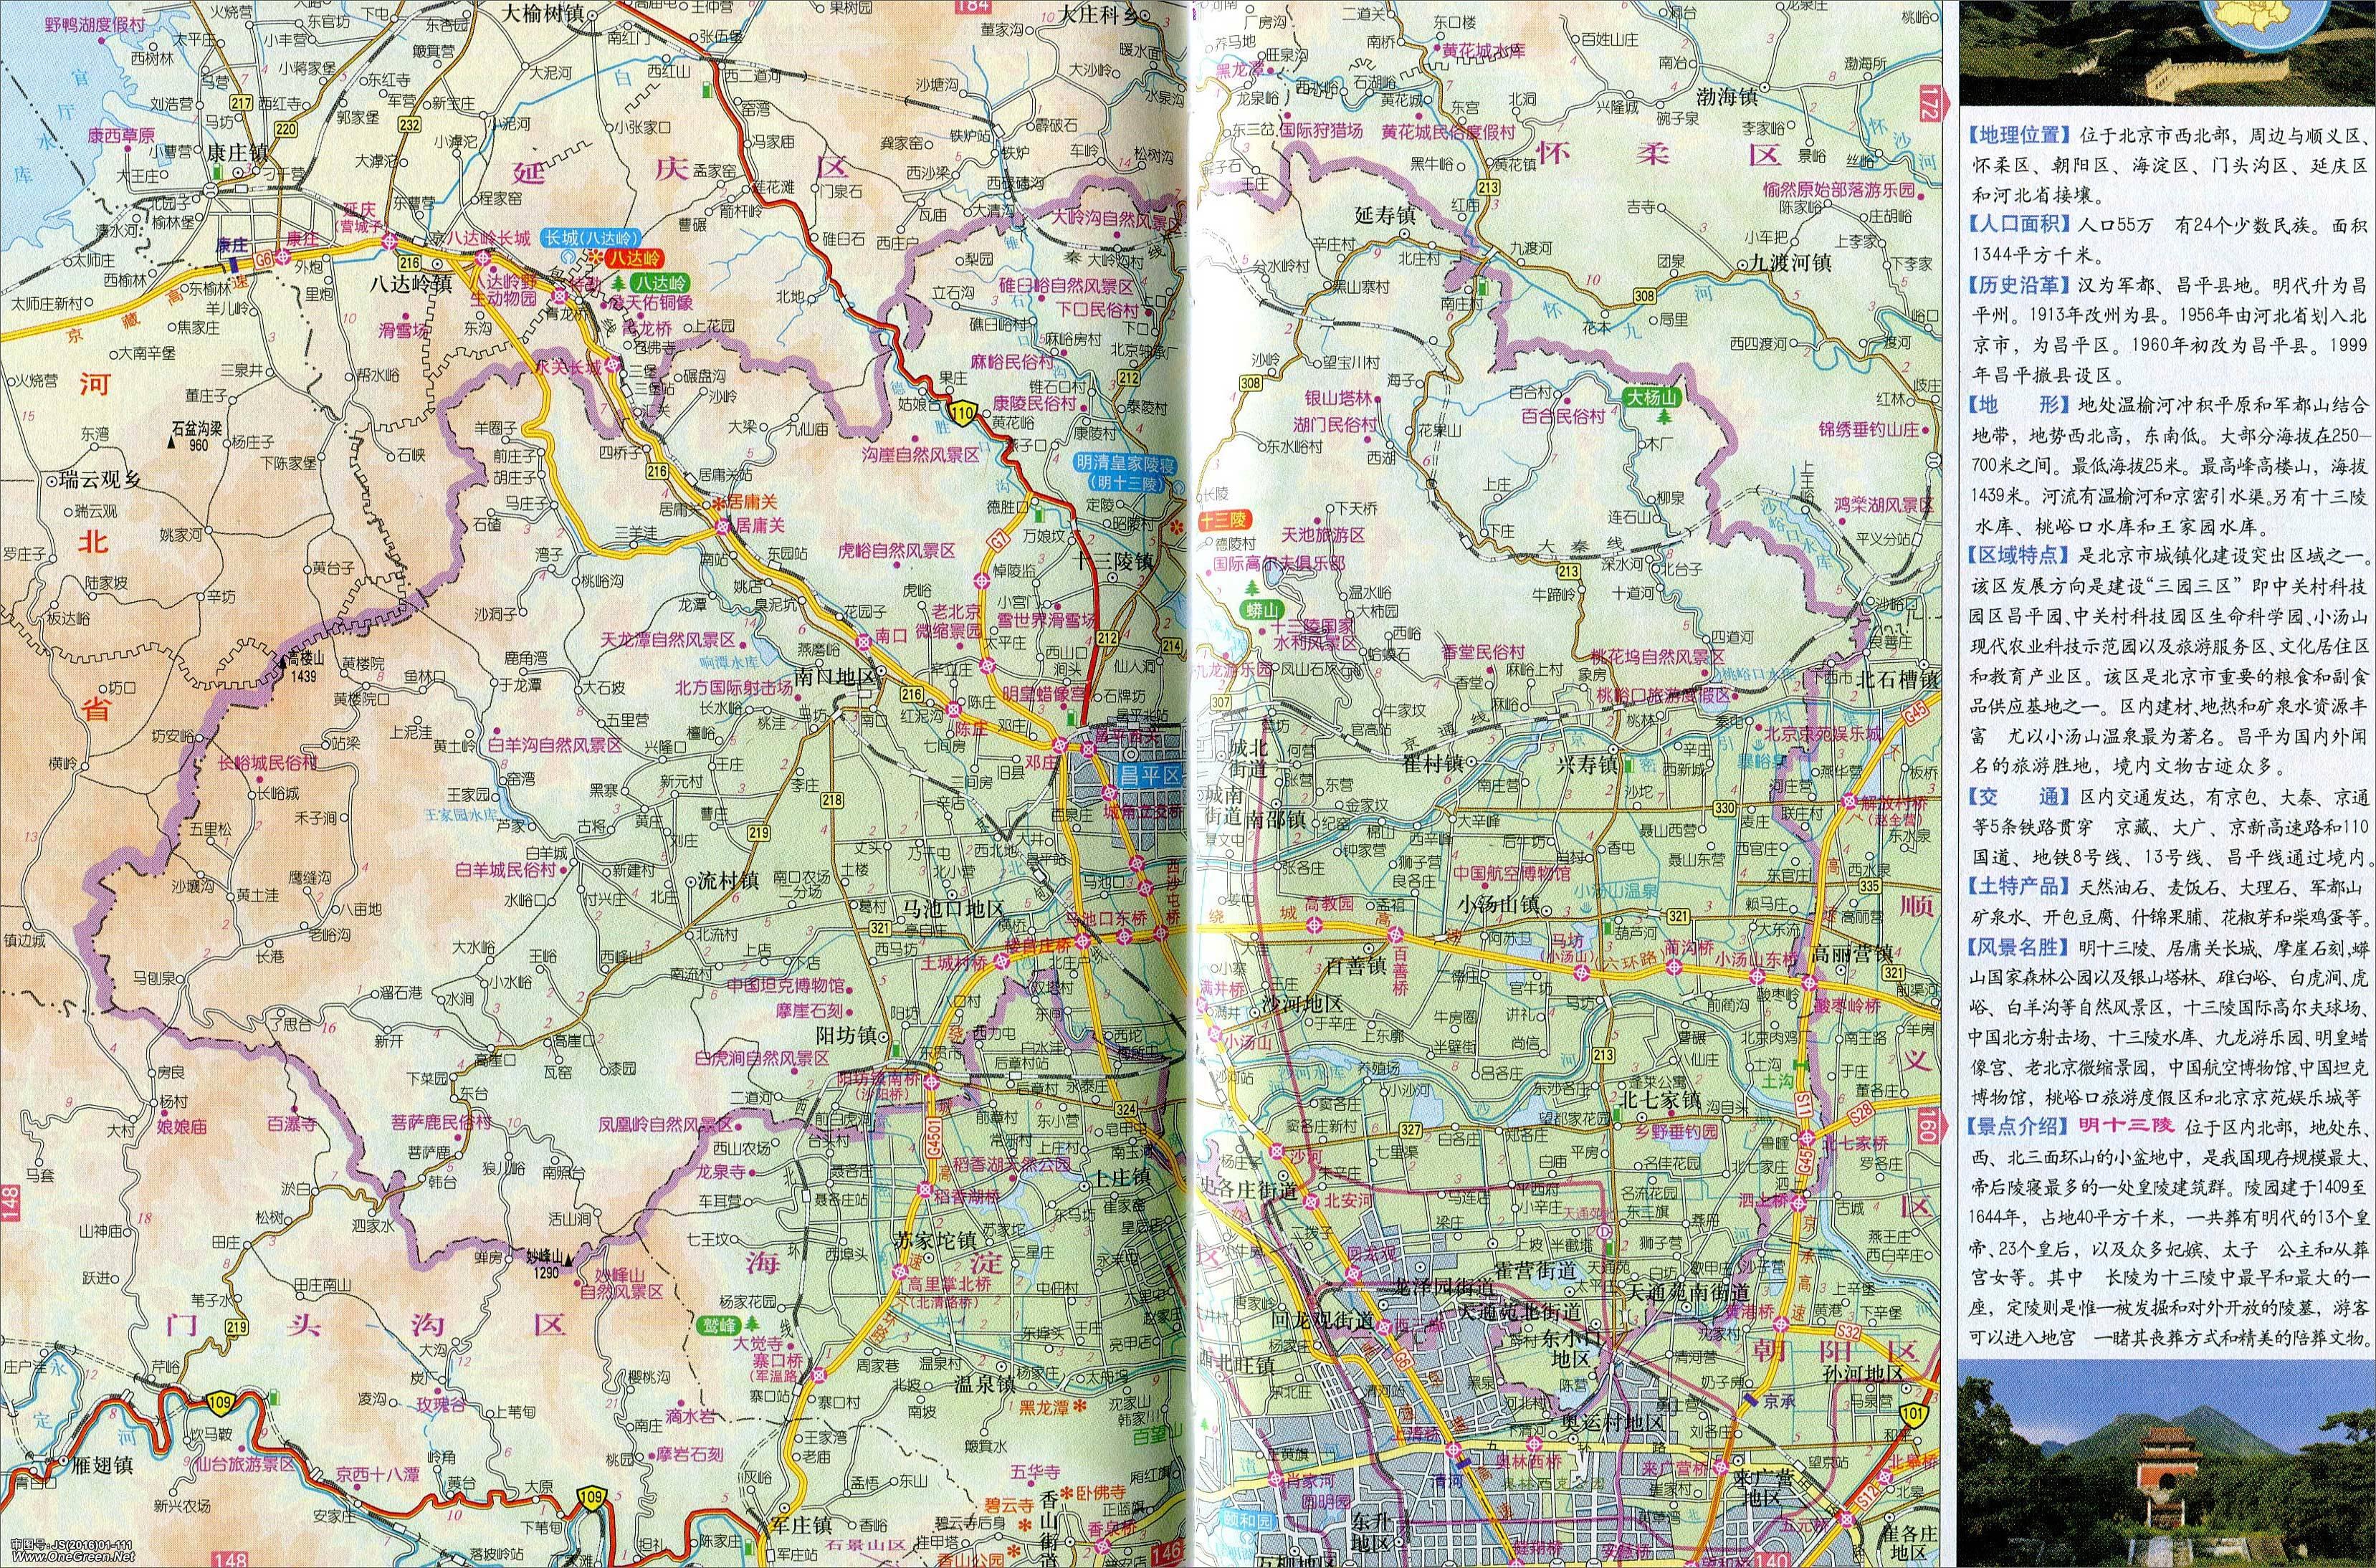 北京城区地图集 上一张地图: 北京海淀区紫竹院街道社区分布图高清